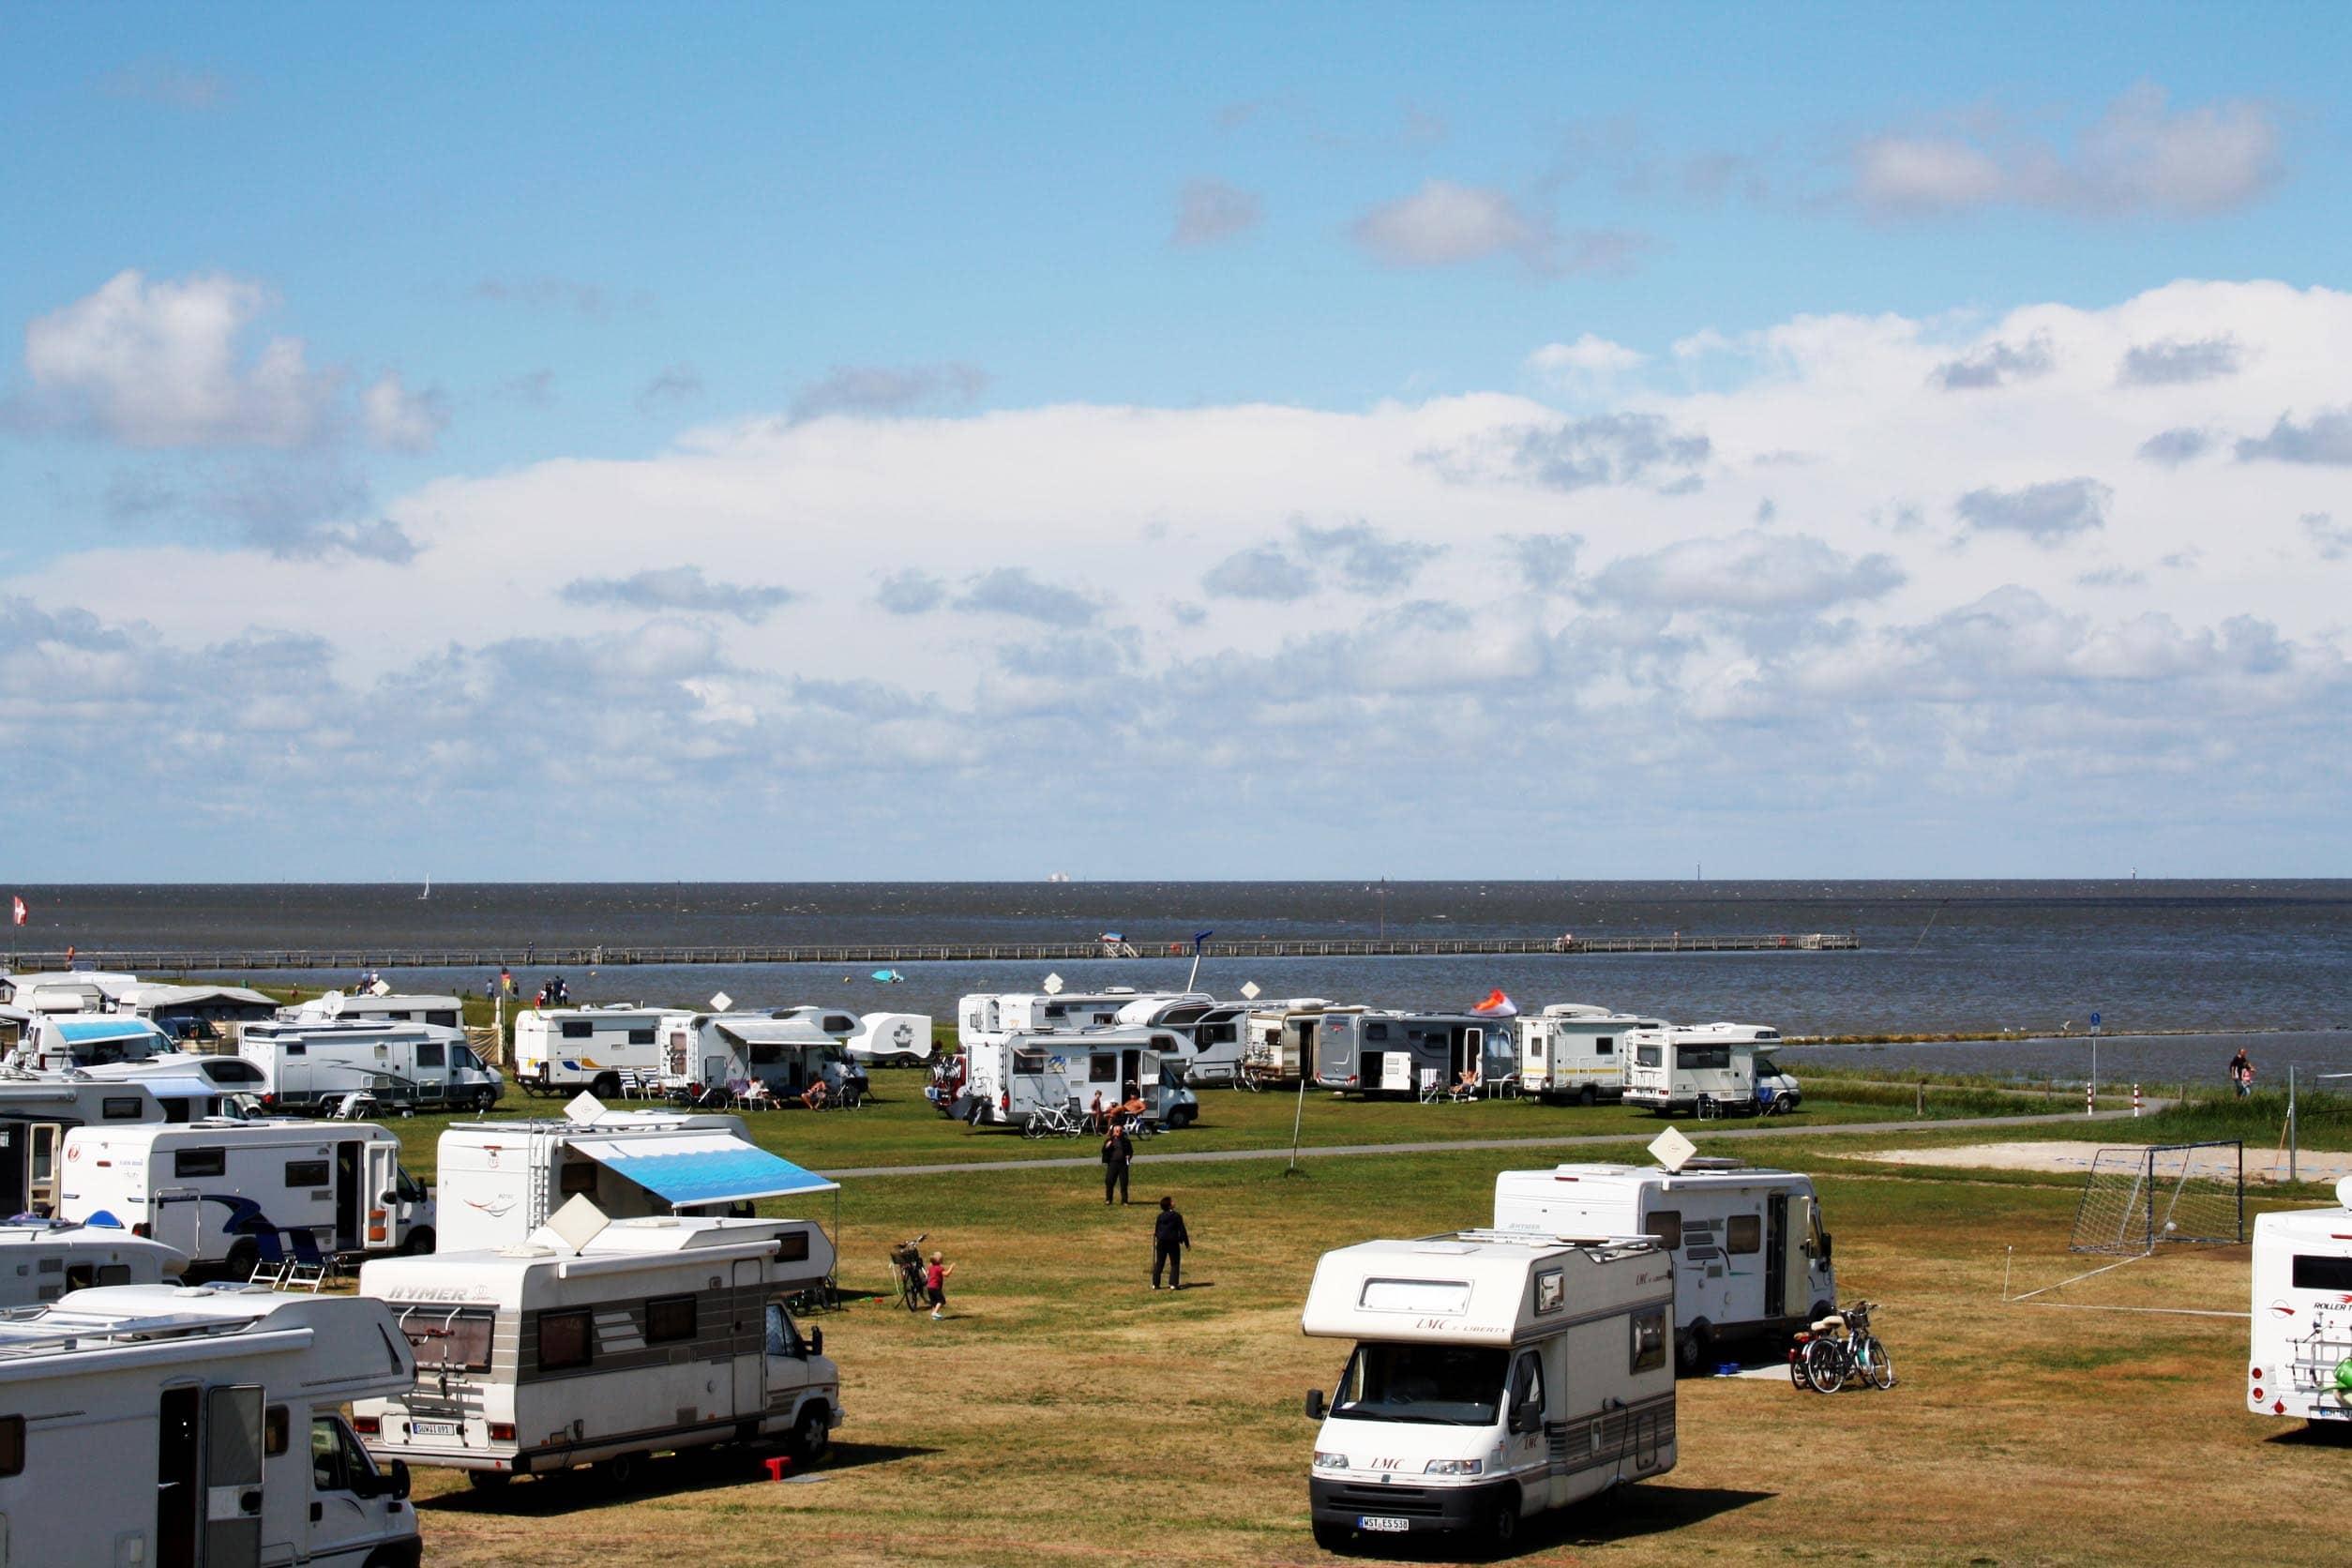 Camping nach dem Lockdown Der ADAC gibt Tipps für einen entspannten Urlaub mit dem Wohnmobil